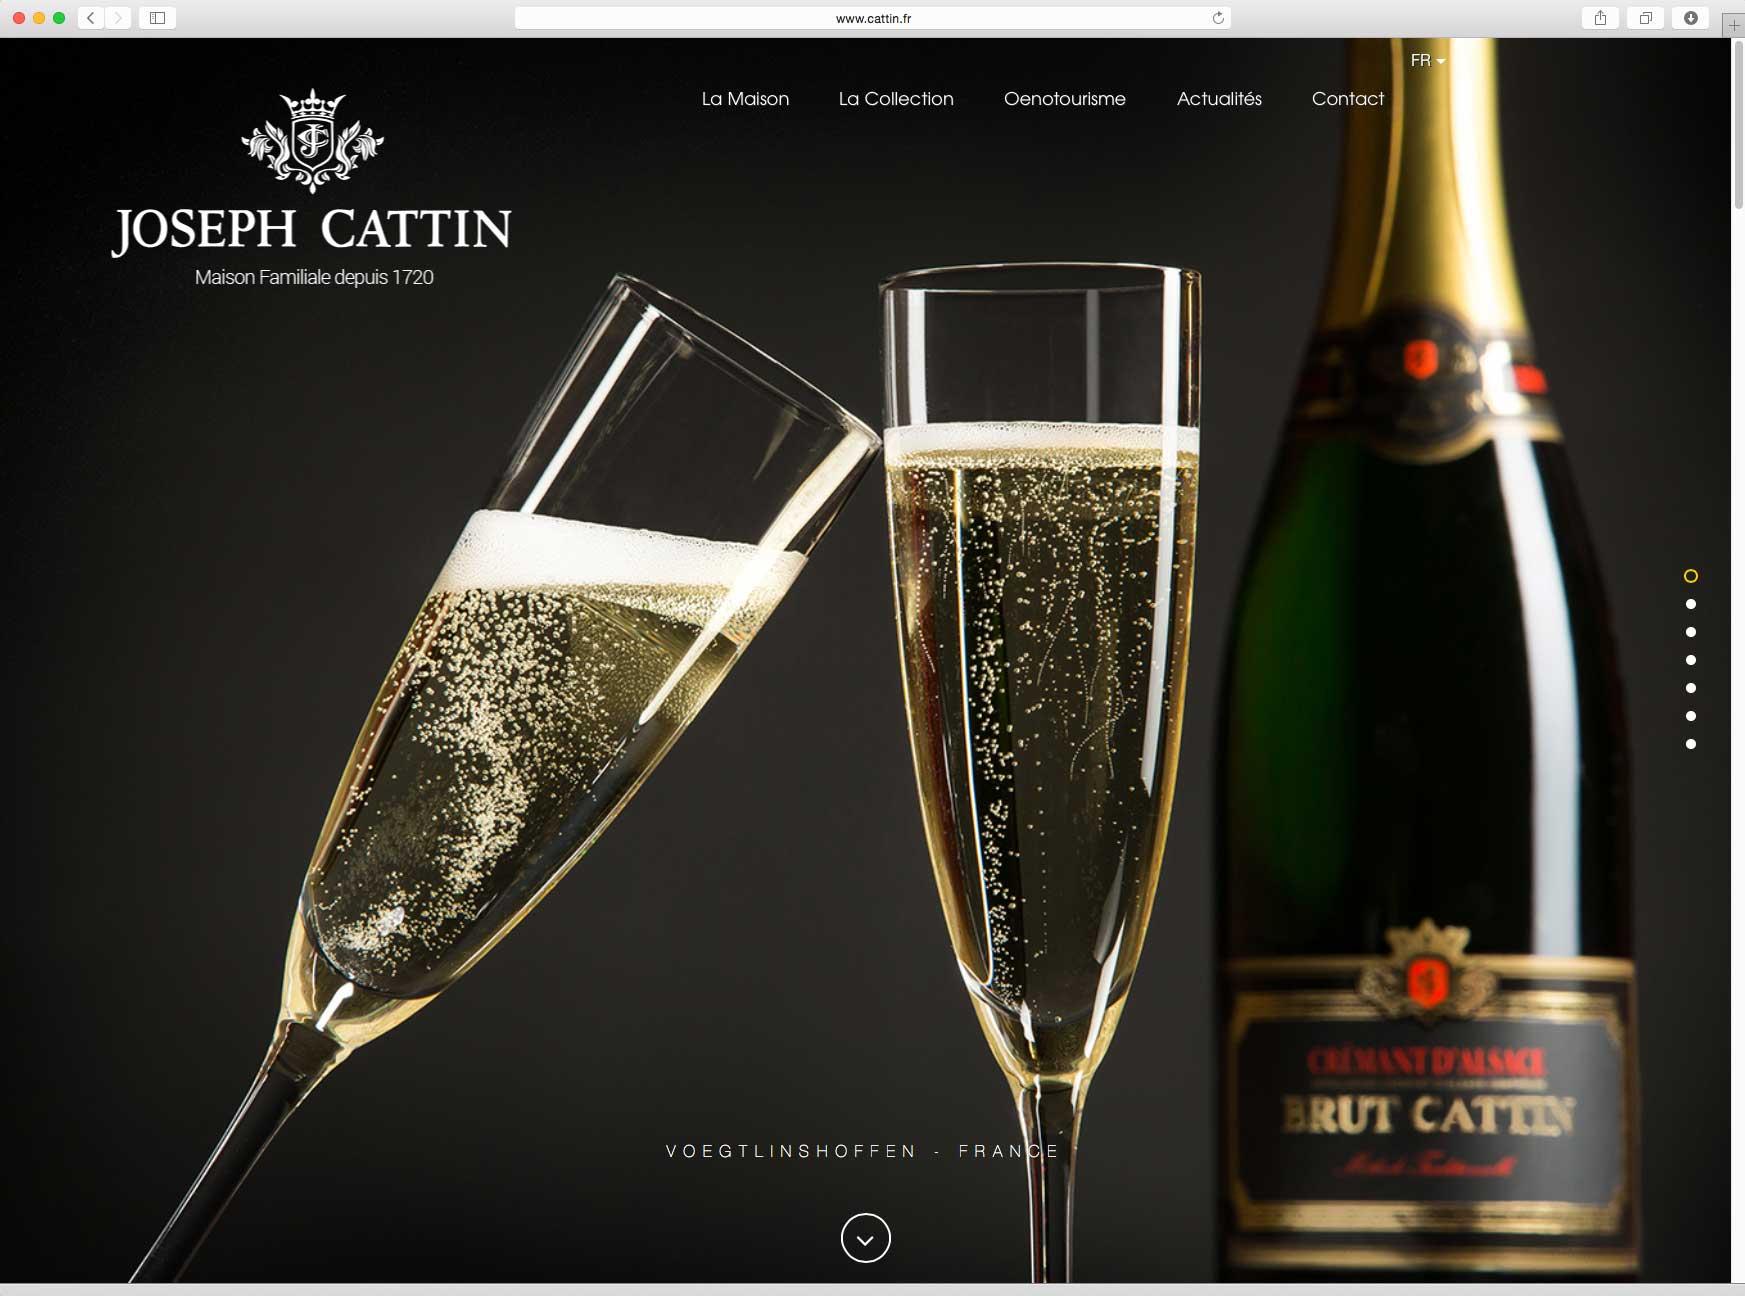 Création et hébergement du site internet vitrine de la marque